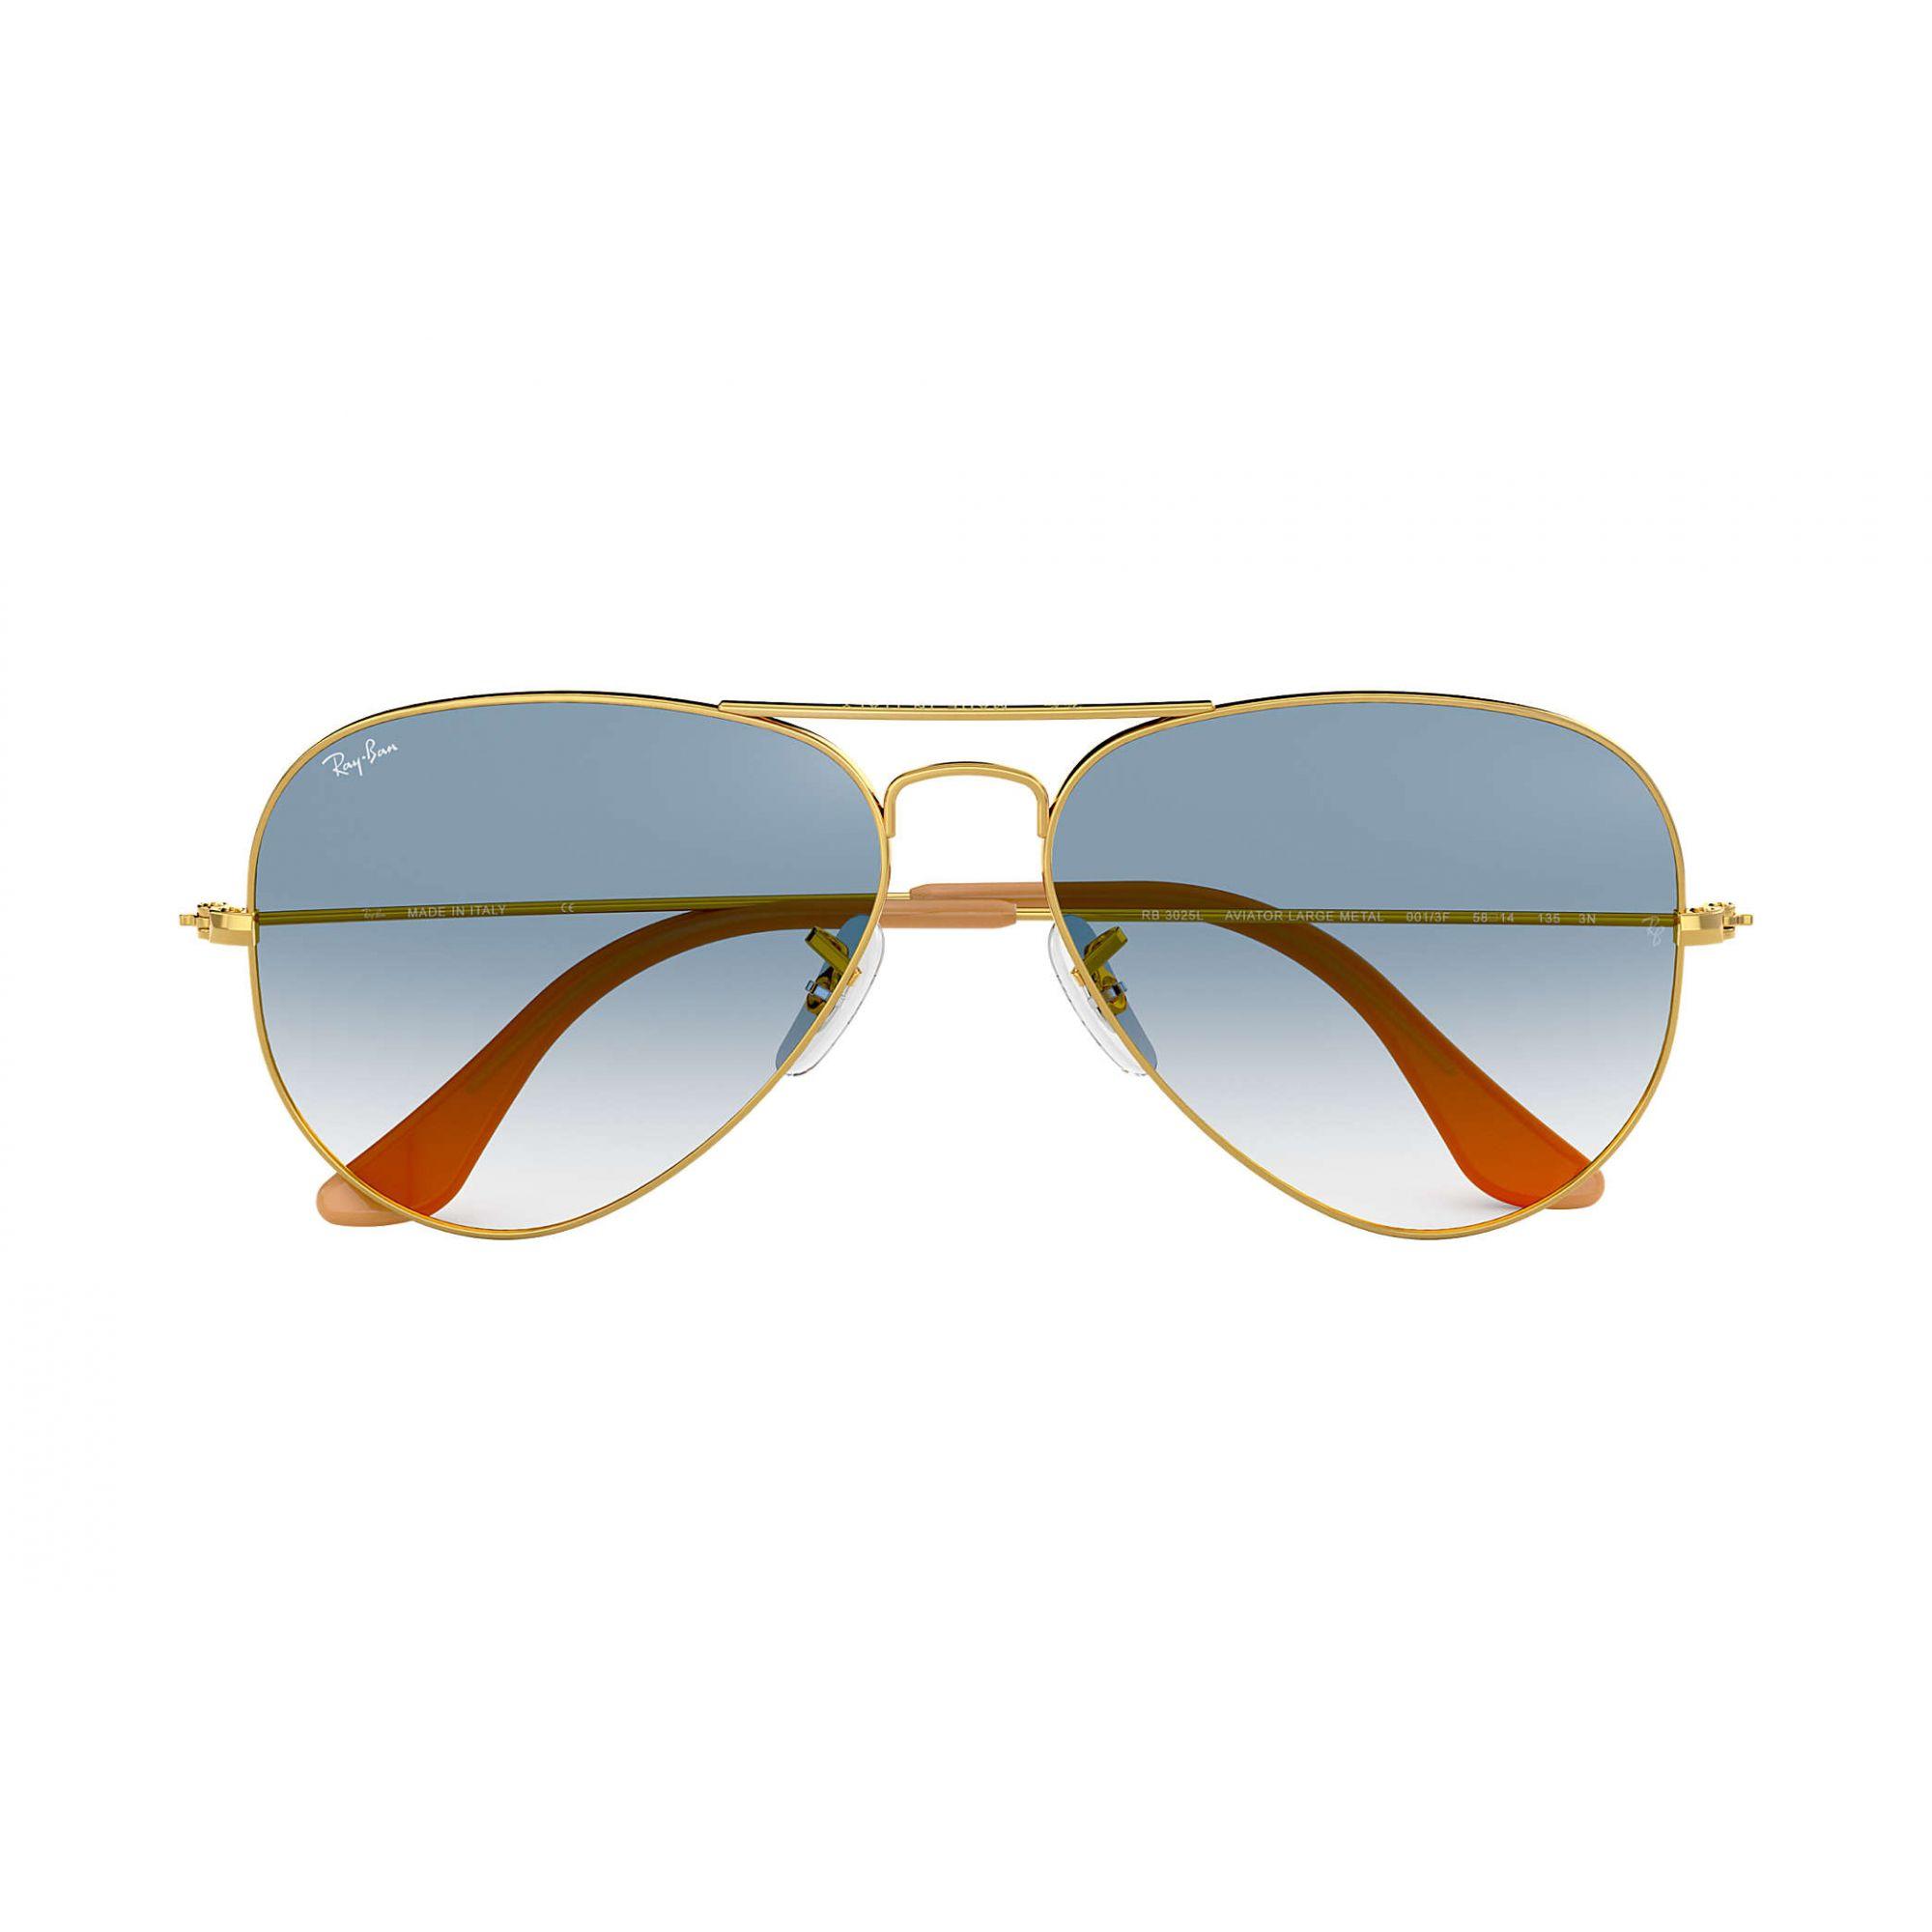 Ray Ban - RB3025L 0013F - Óculos de sol